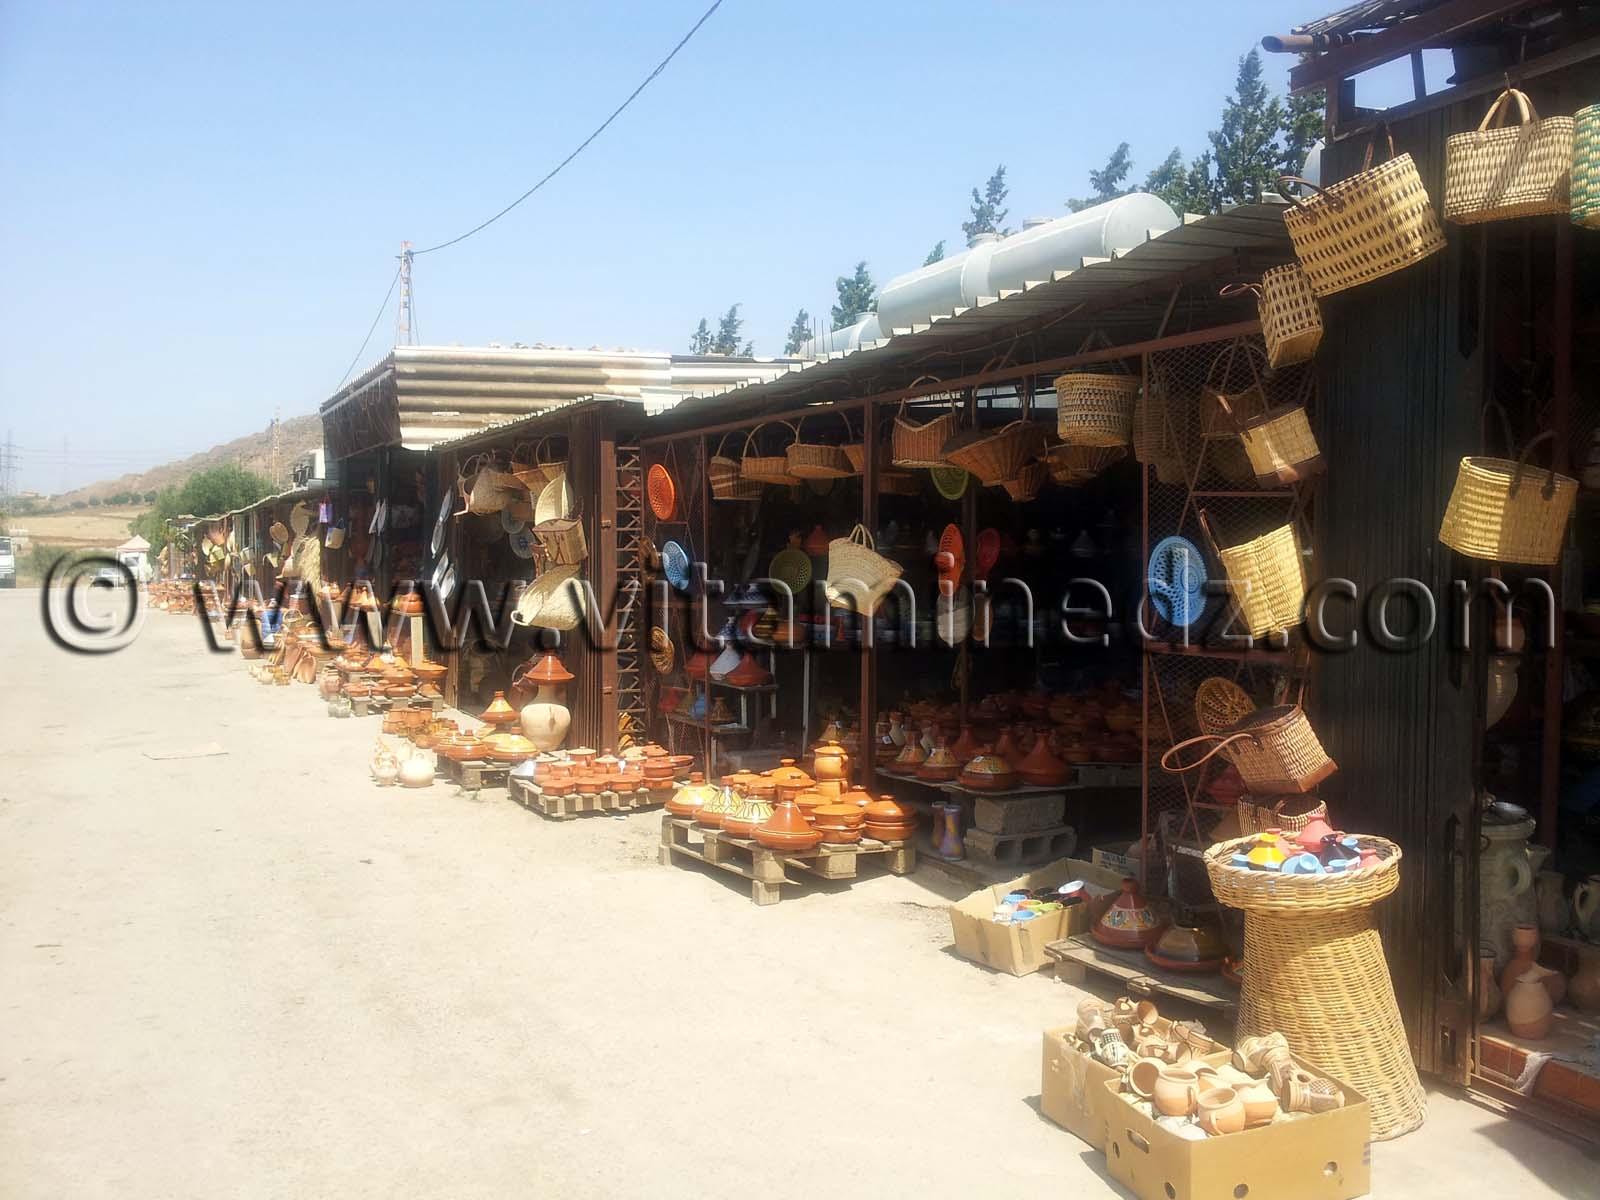 Divers m tiers d 39 artisanat ain t mouchent artisanat et metiers photos - Artisanat algerien ...